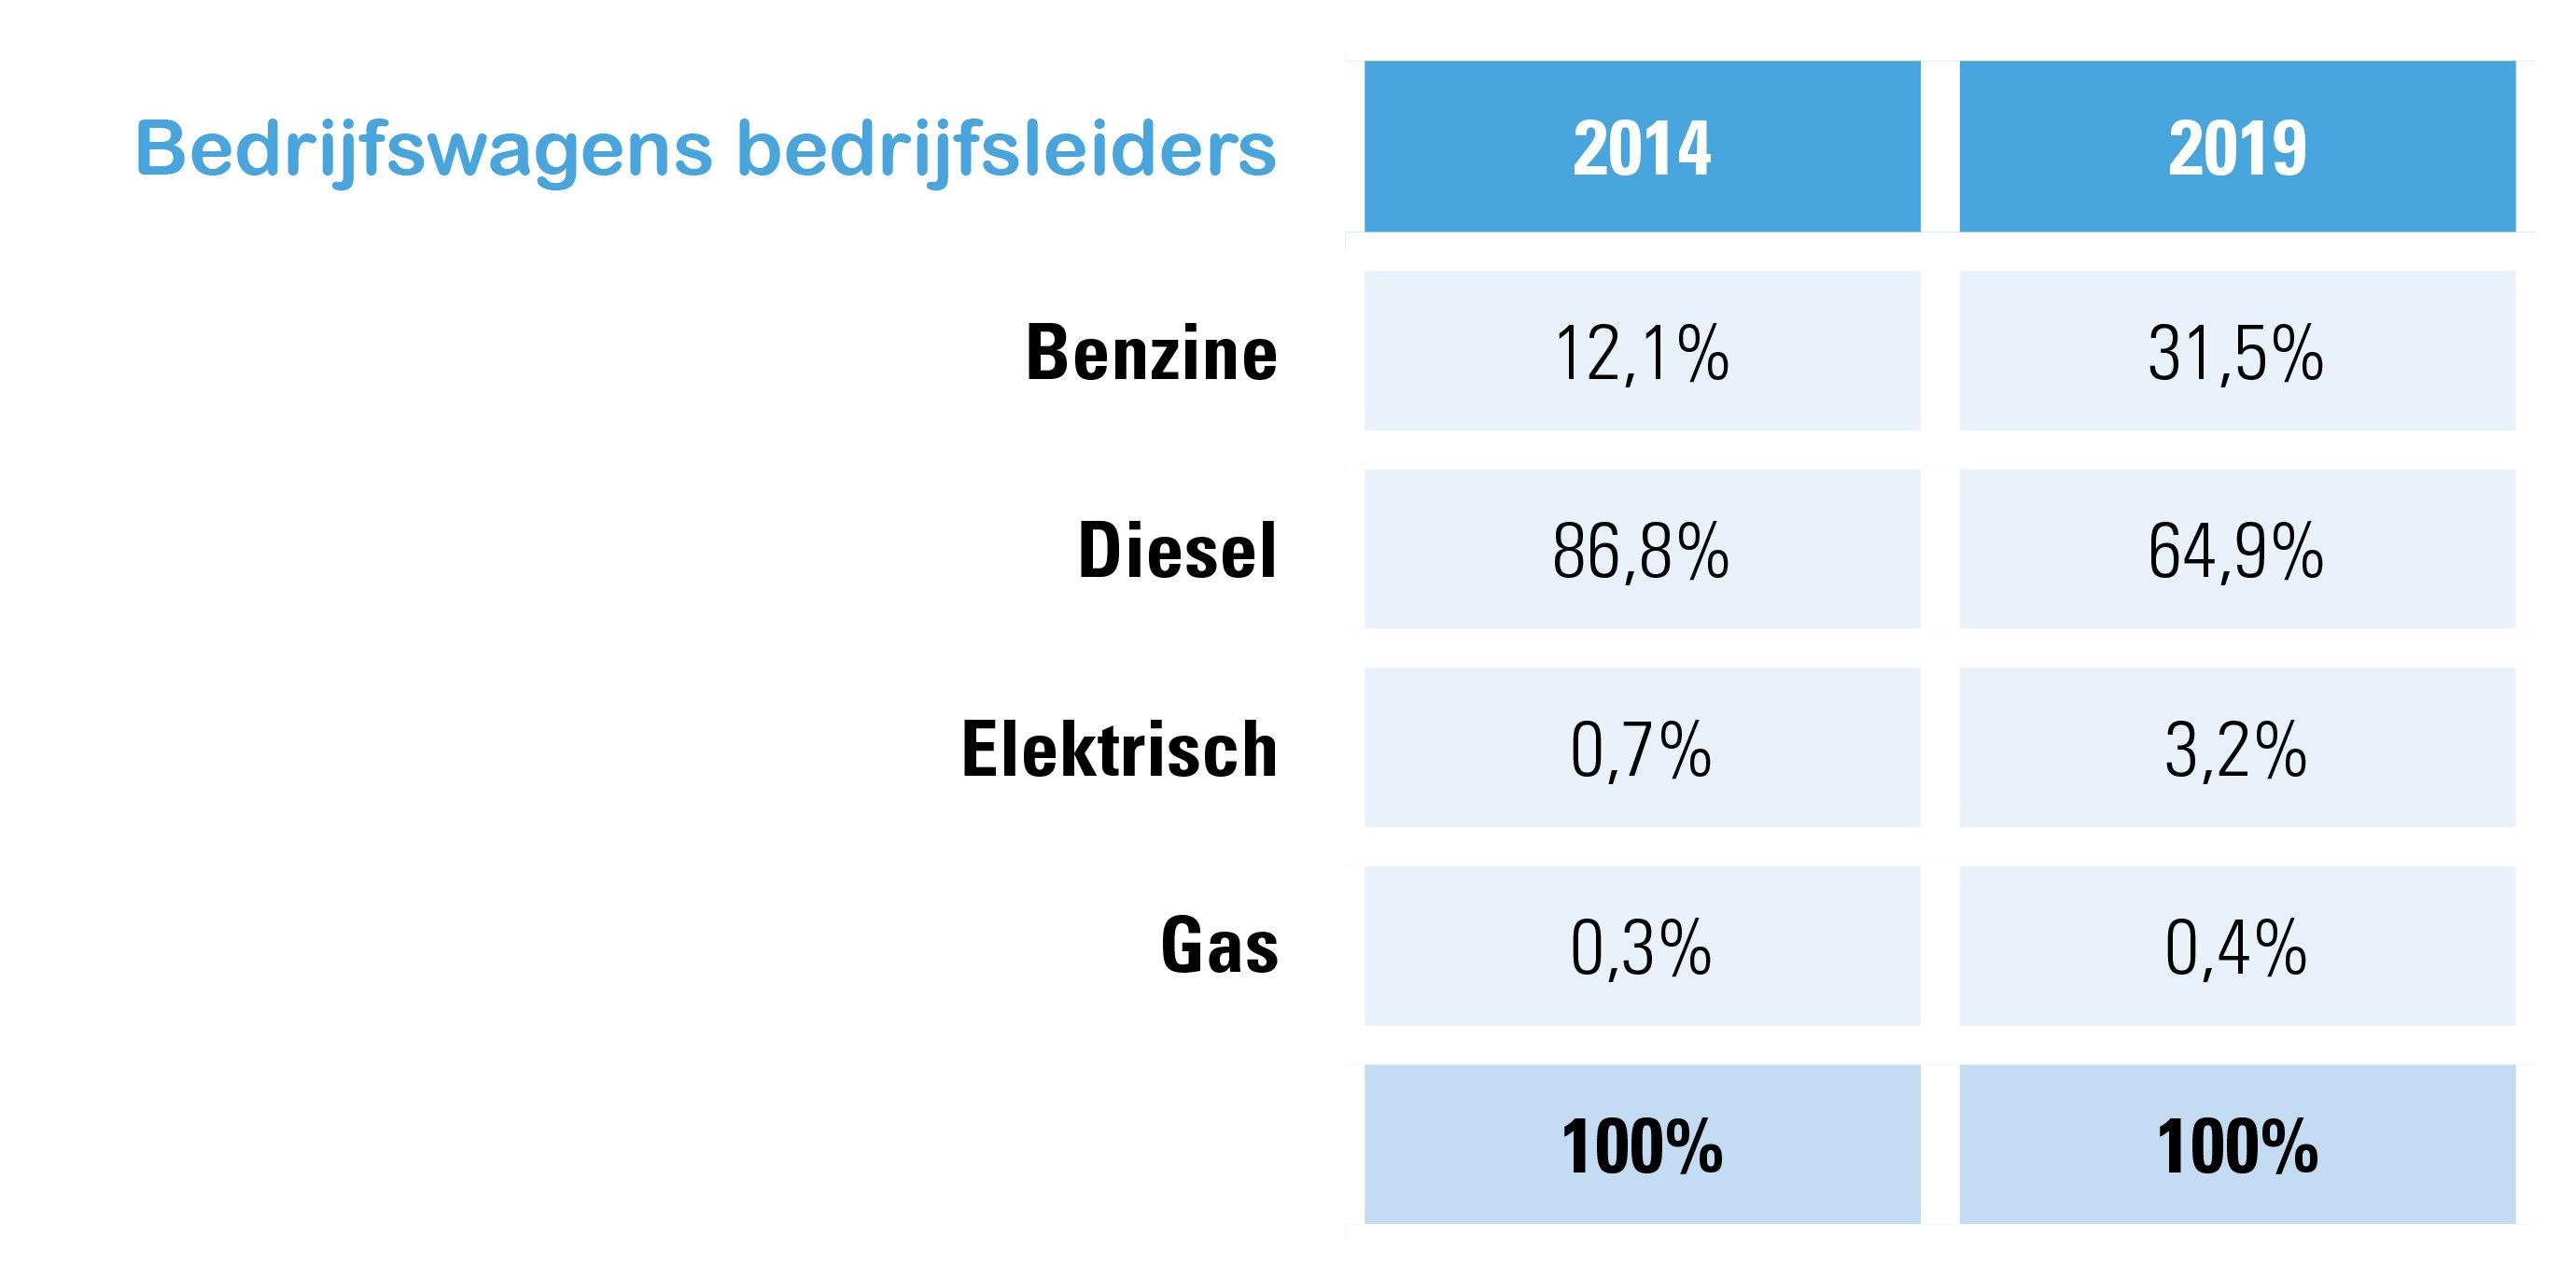 Bedrijfswagens bedrijfsleiders, aandeel volgens brandstof